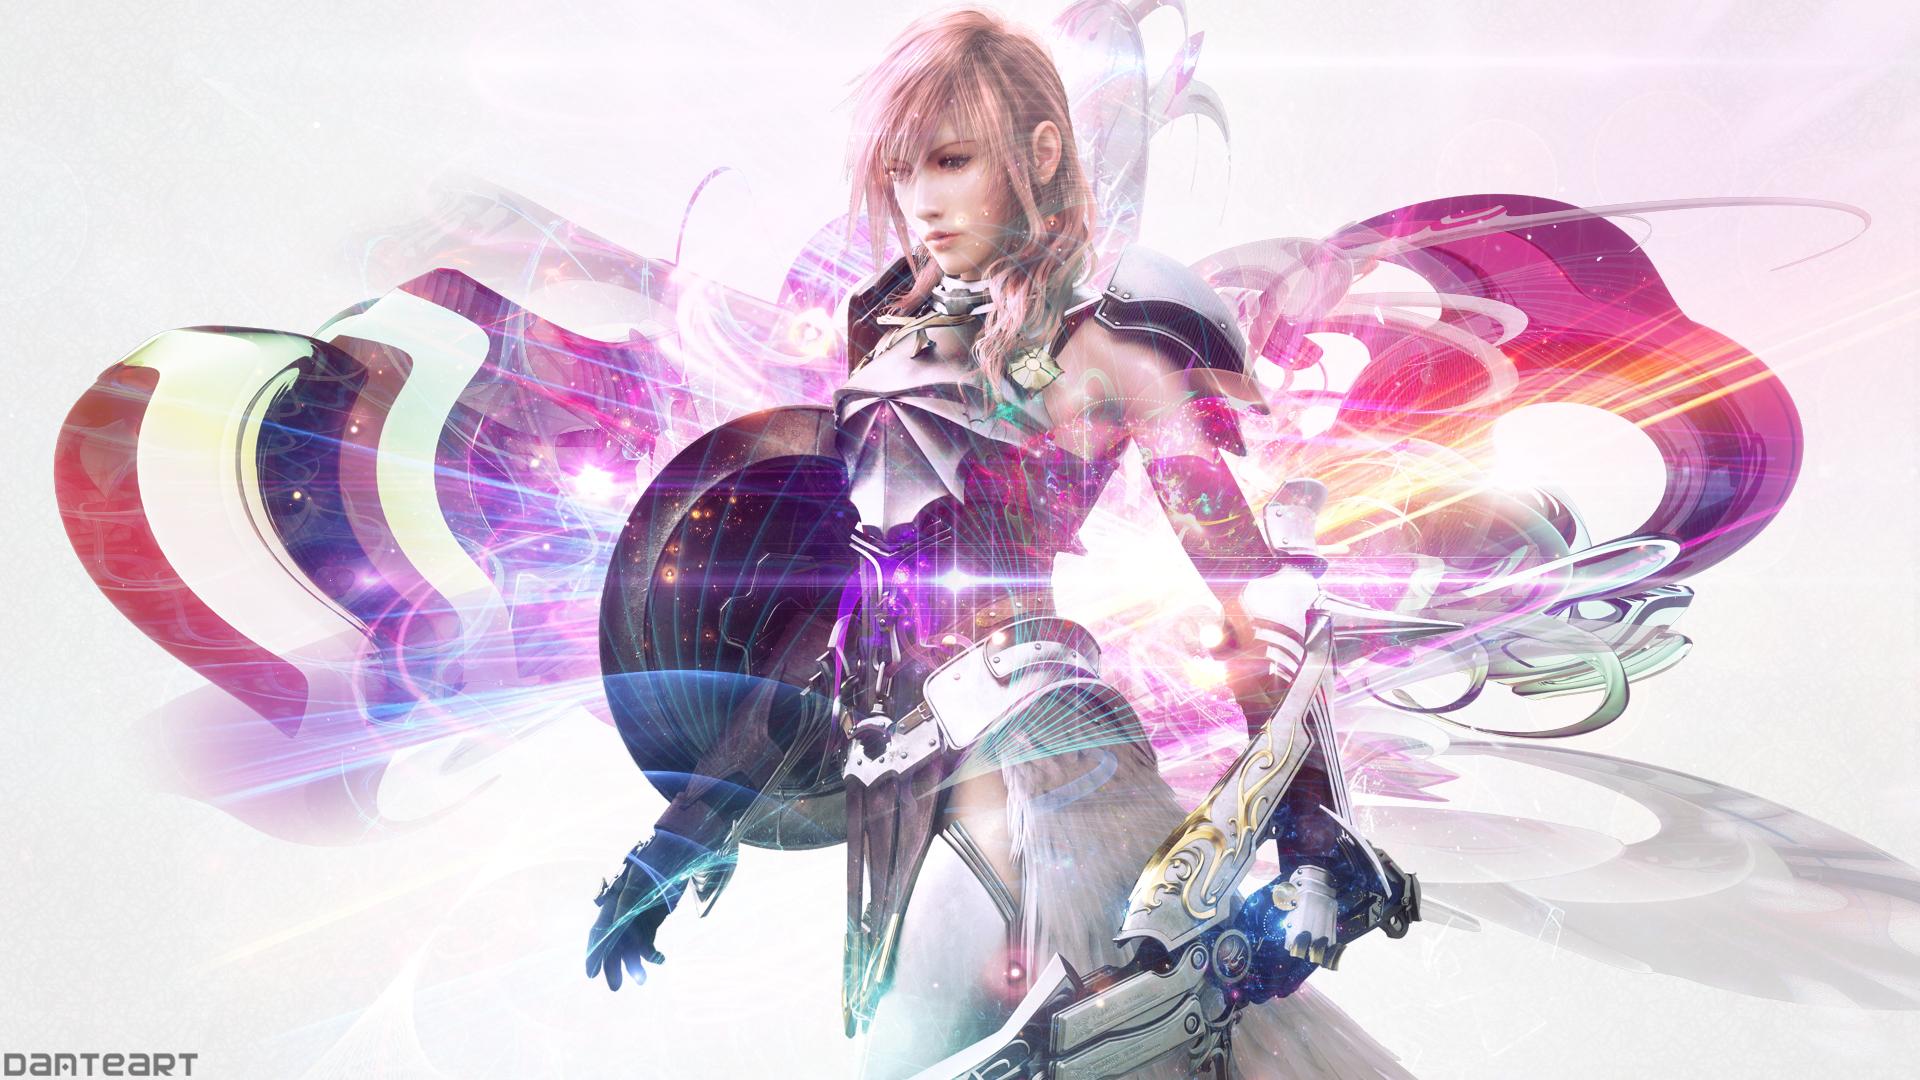 Final Fantasy Xiii 2 Lightning Wallpaper By Danteartwallpapers On